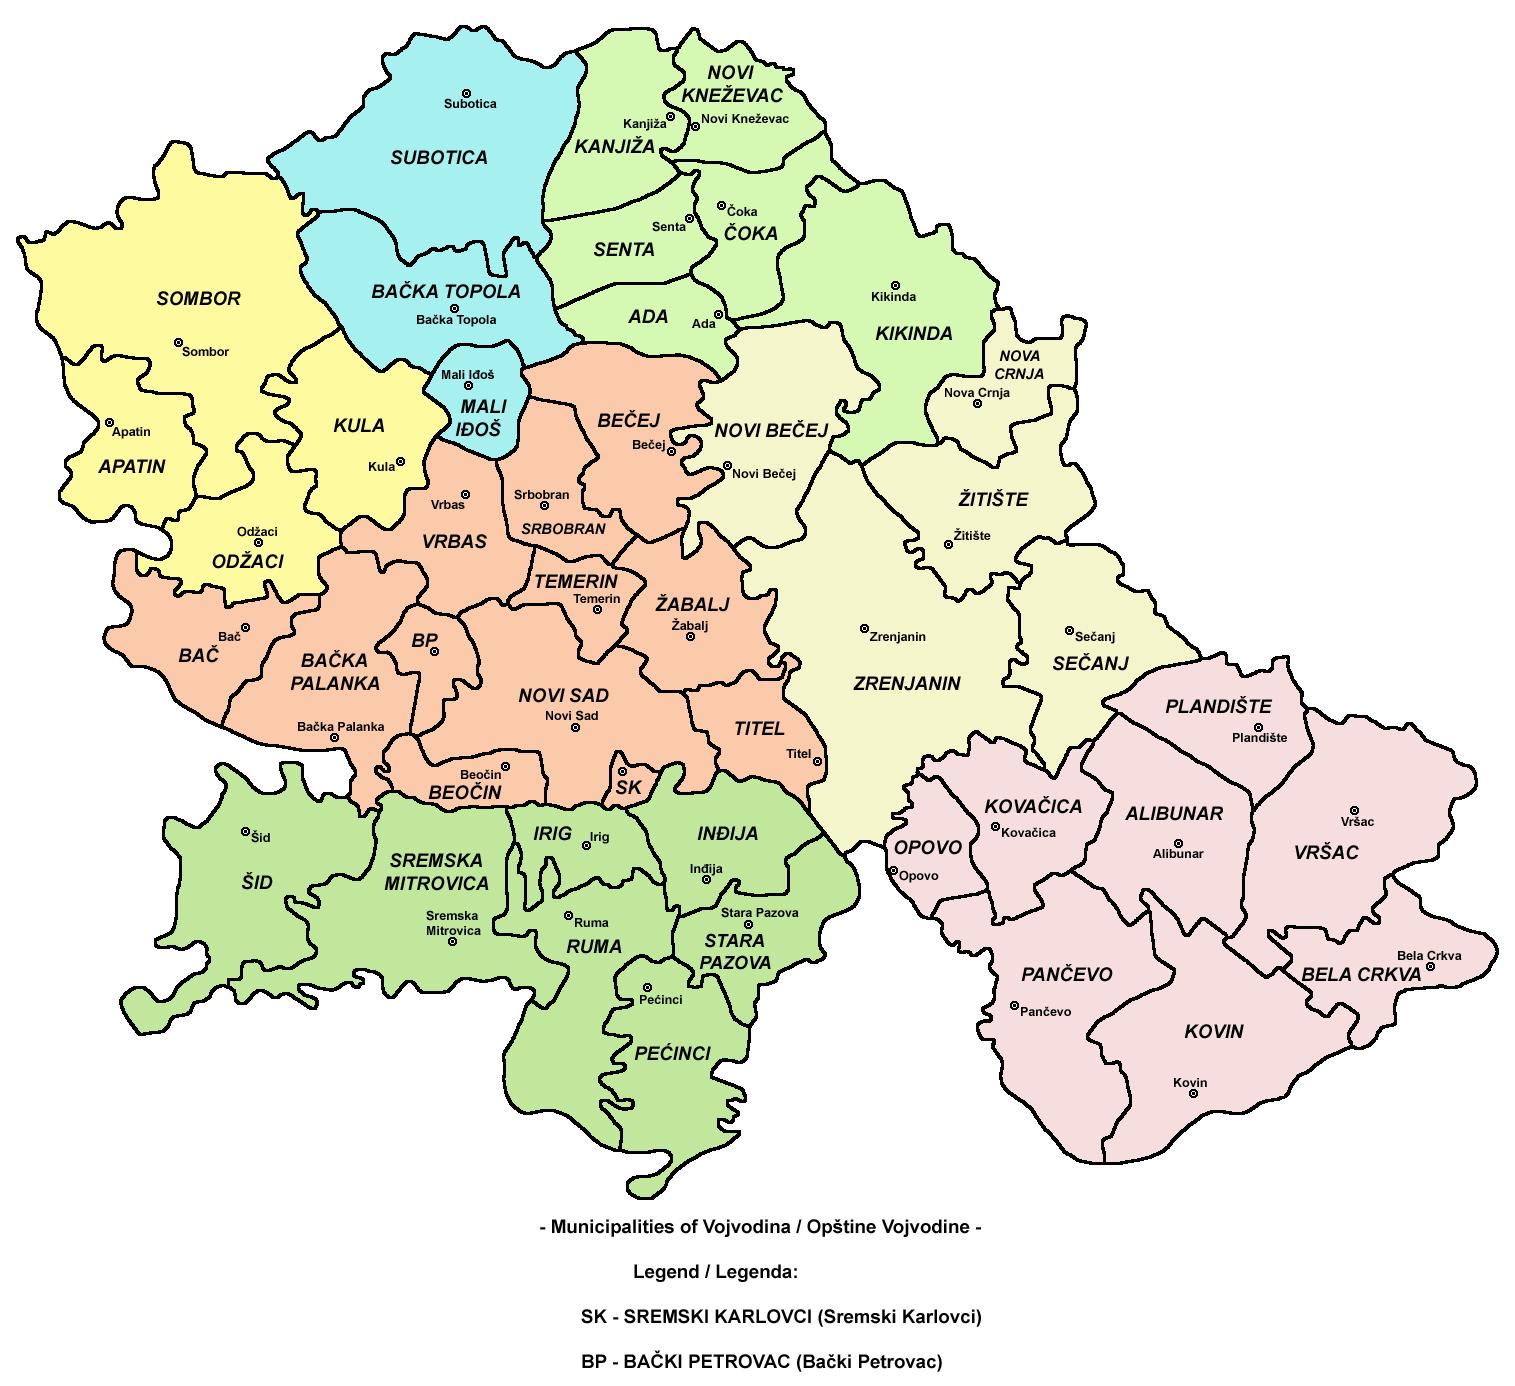 mapa vojvodine backi petrovac Vojvodina | Familypedia | FANDOM powered by Wikia mapa vojvodine backi petrovac